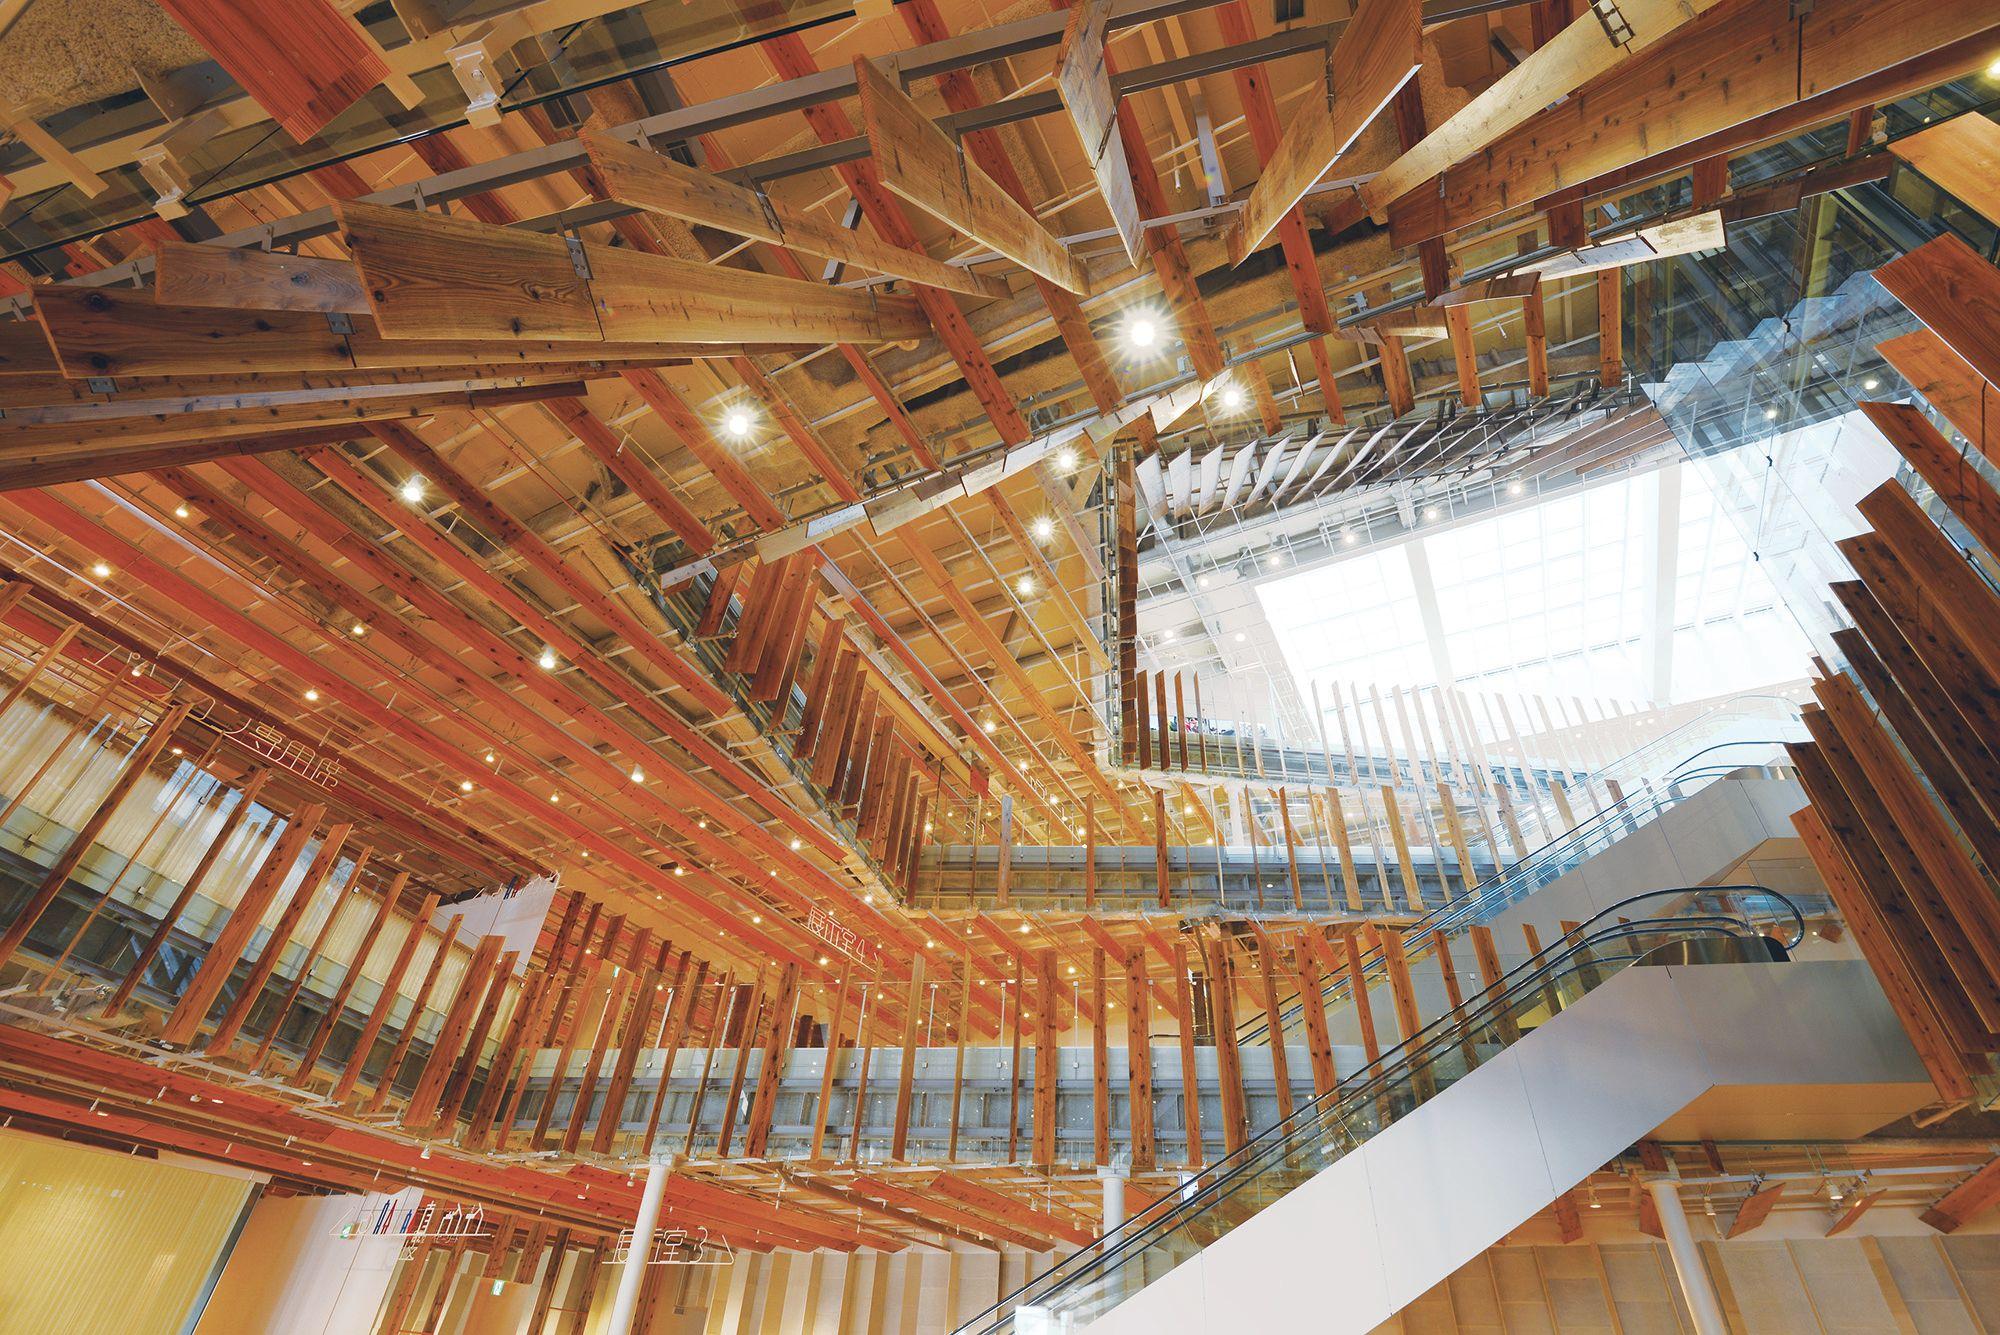 富山市ガラス美術館 キラリ | 気になる建築 | Pinterest